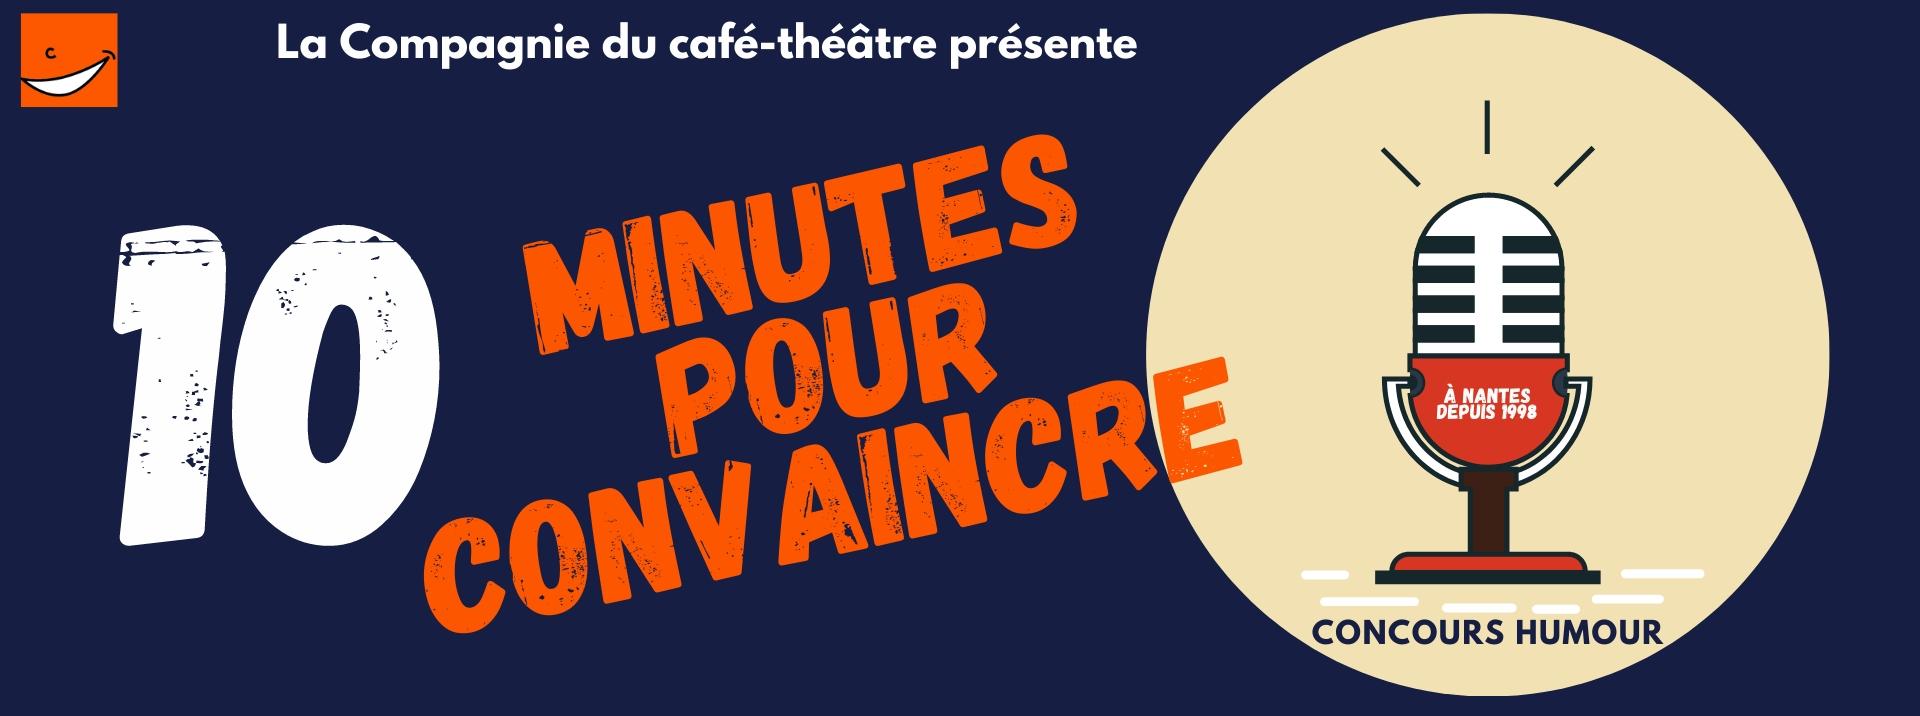 Concours d'humour à Nantes, scène ouverte à La Compagnie du café théâtre